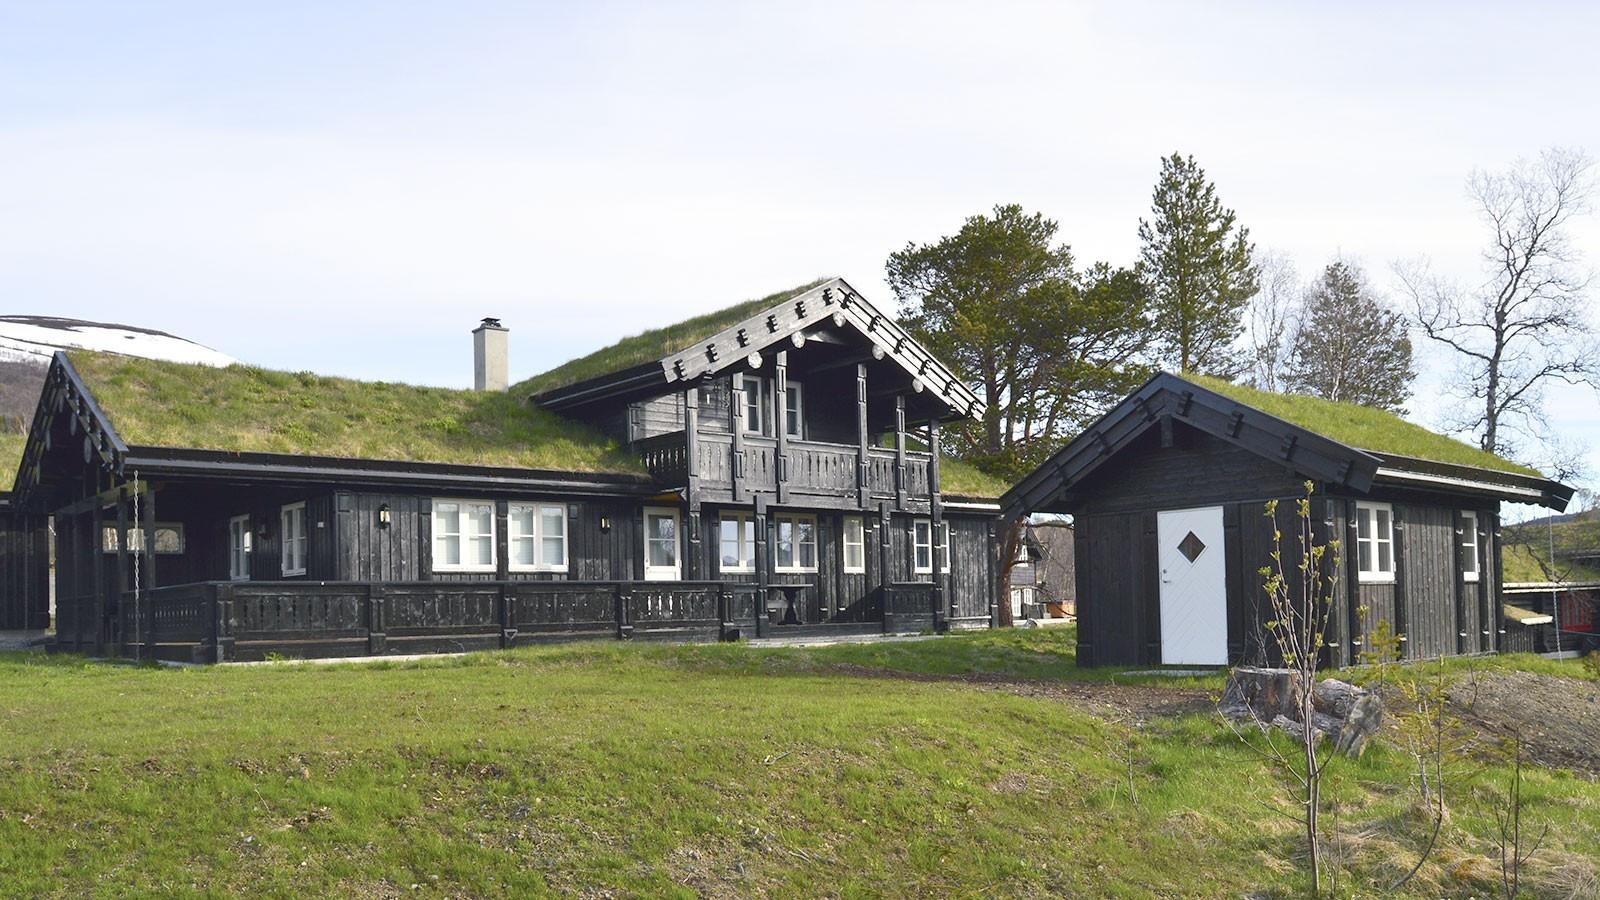 Sommer bilde av Buen Storodde XL. Kundebygget hytte.